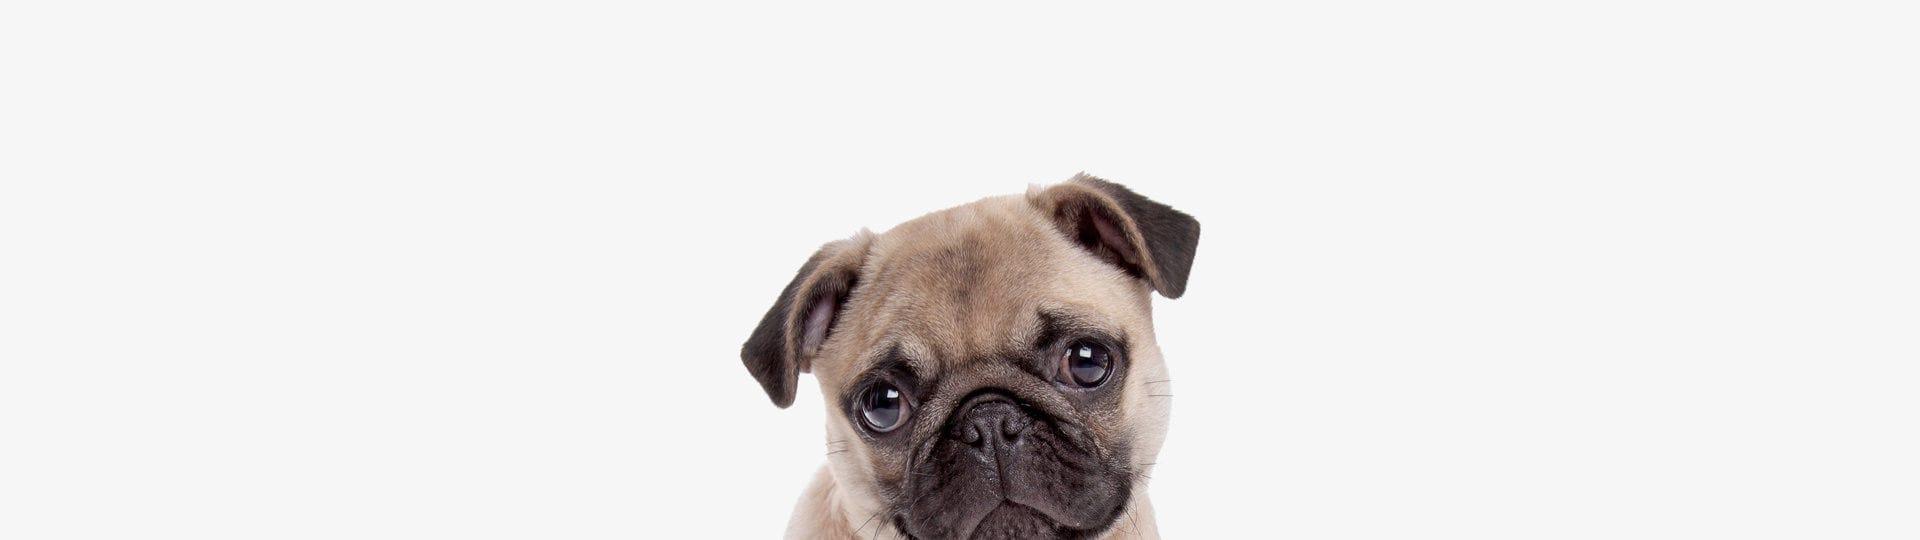 los perros también tienen estrés